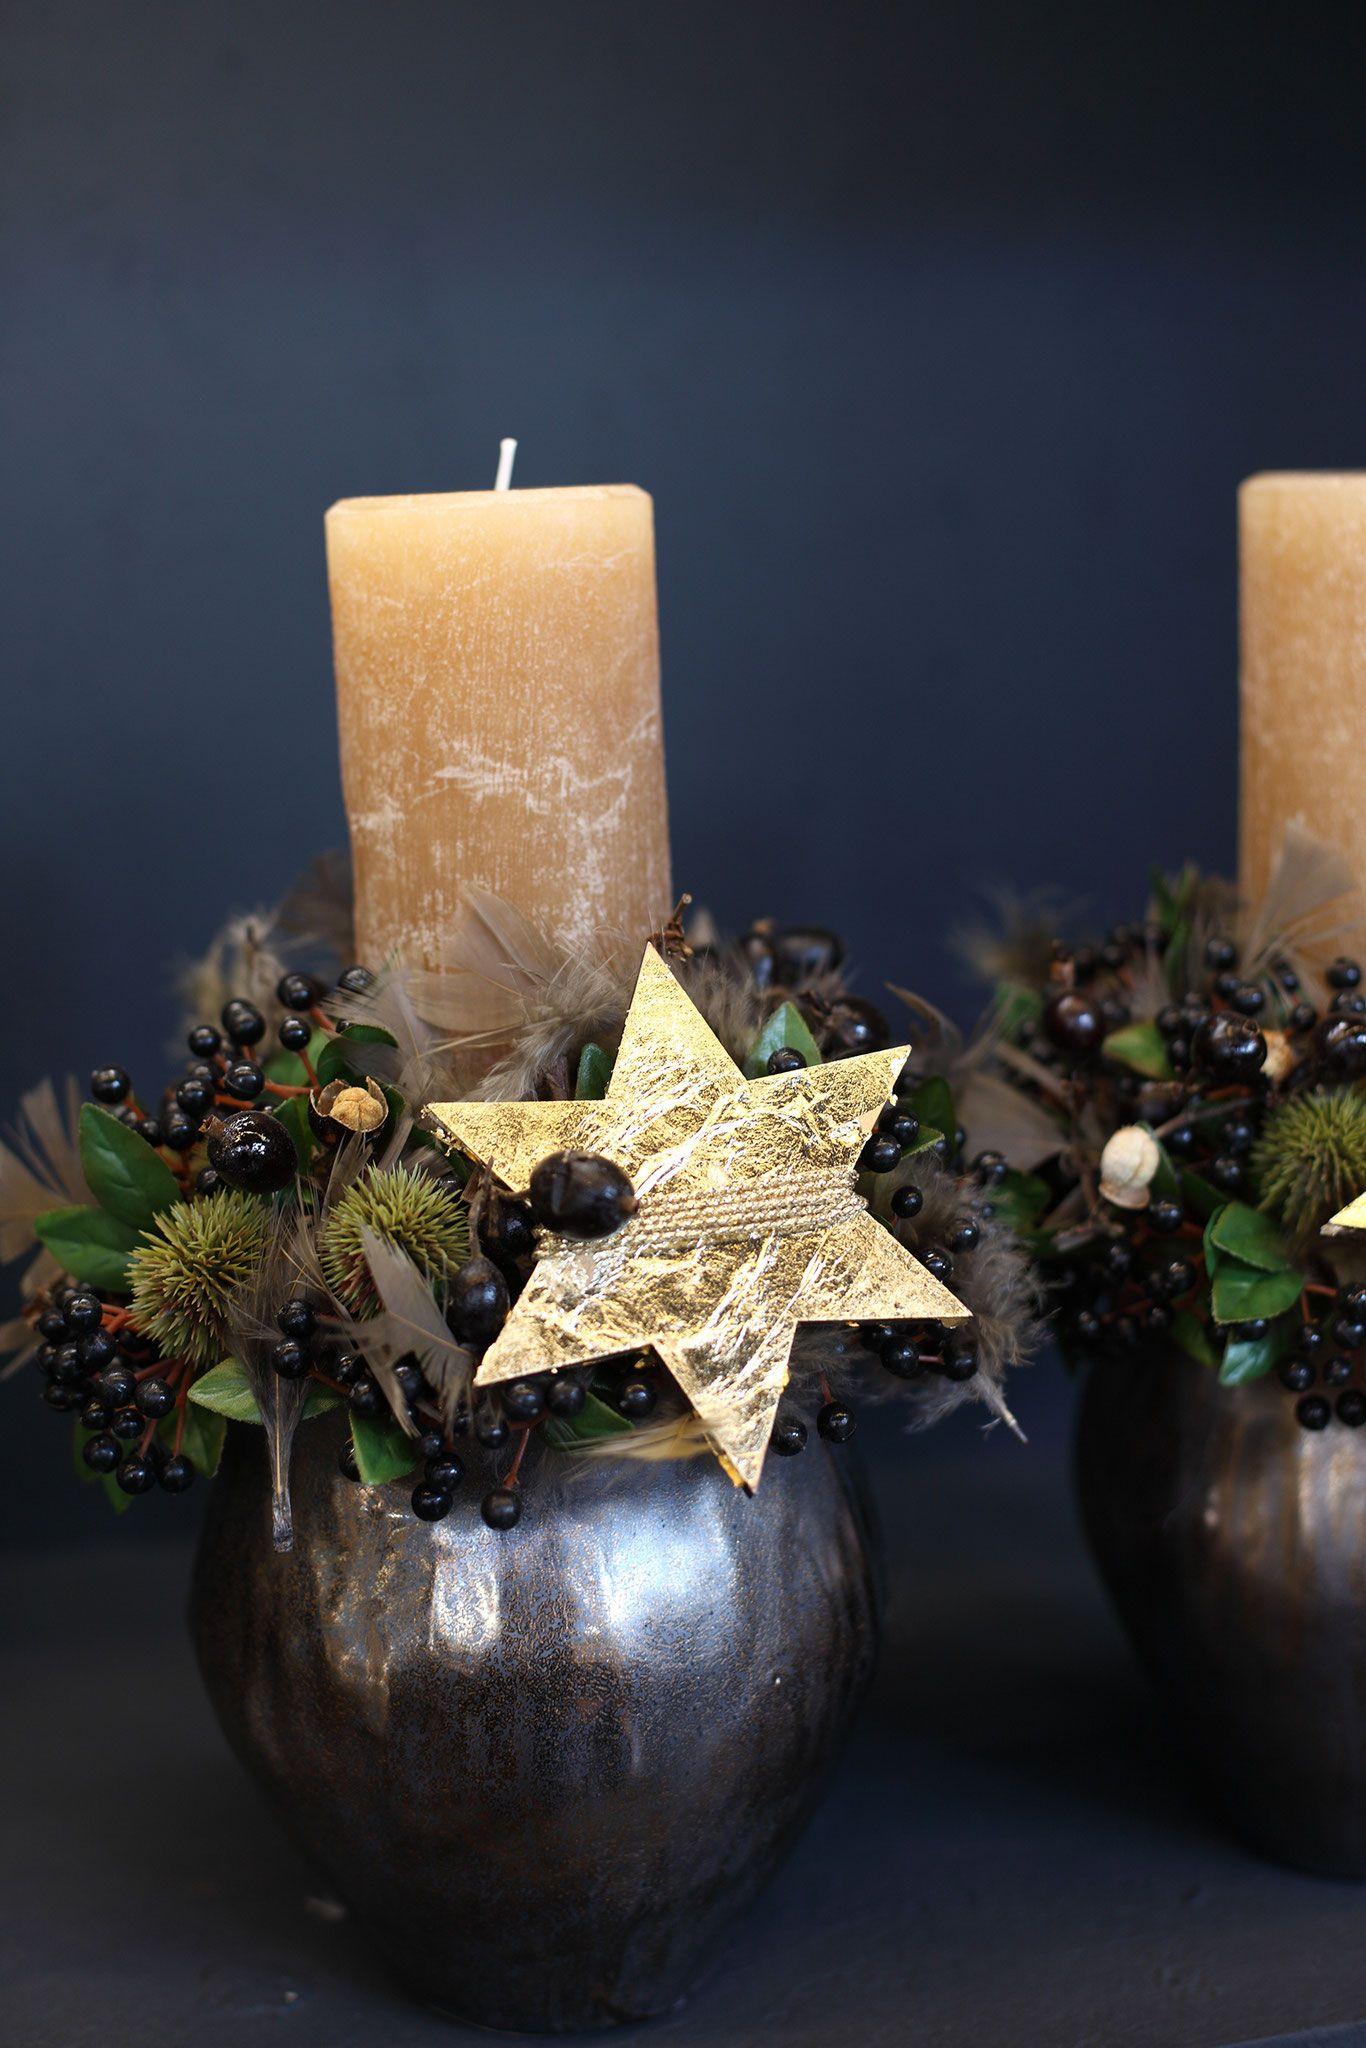 Weihnachtliche Gesteckideen 2016 Teil 1 - Fachgroßhandel für Floristikbedarf, Deko & Wohnaccessoires #weihnachtlicheszuhause